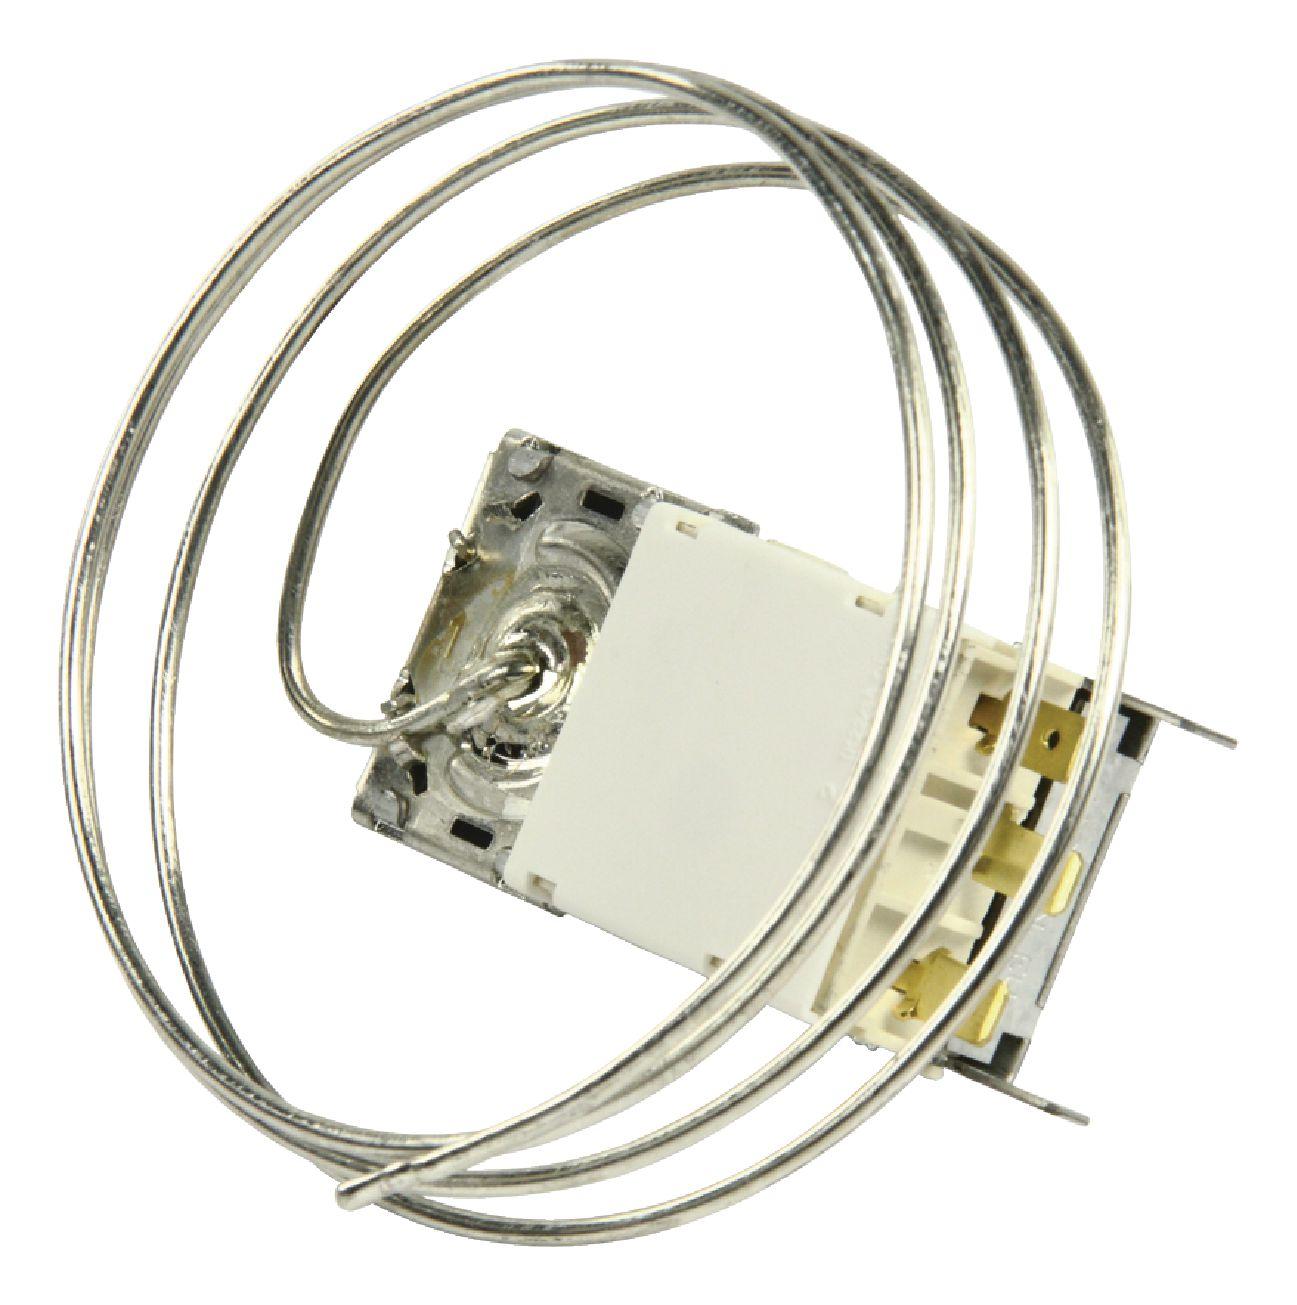 Termostat pro lednice, Ranco 6151087, K59H2800 / A59-H1501